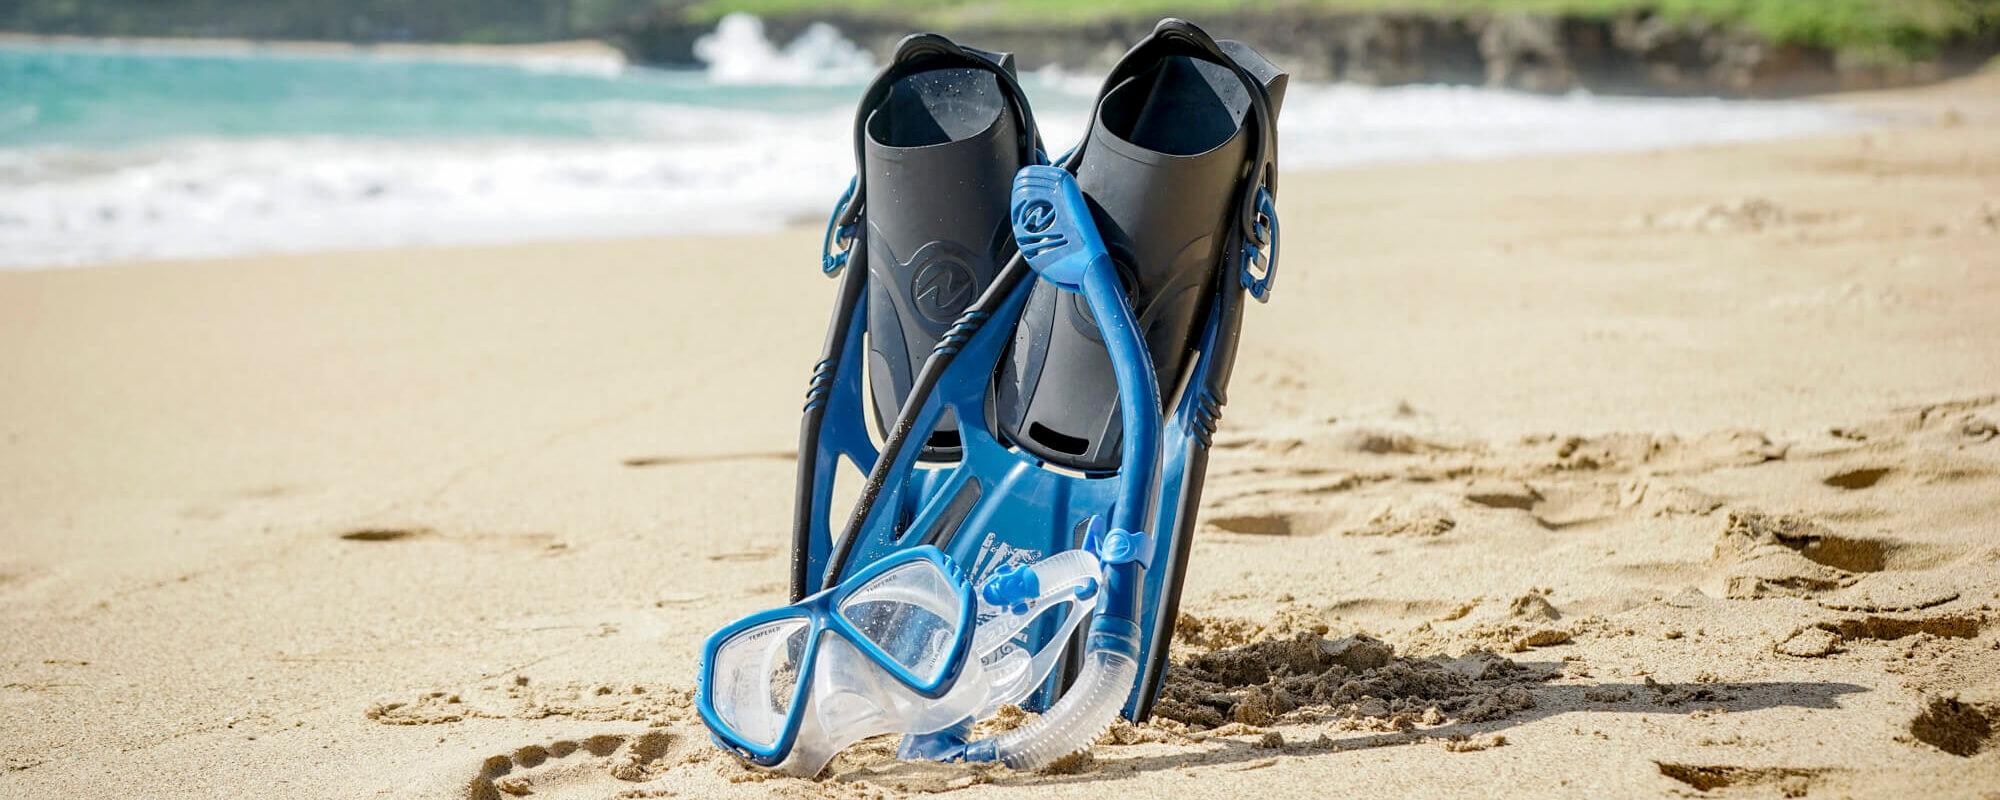 Oahu snorkel Mask and Fins Rentals